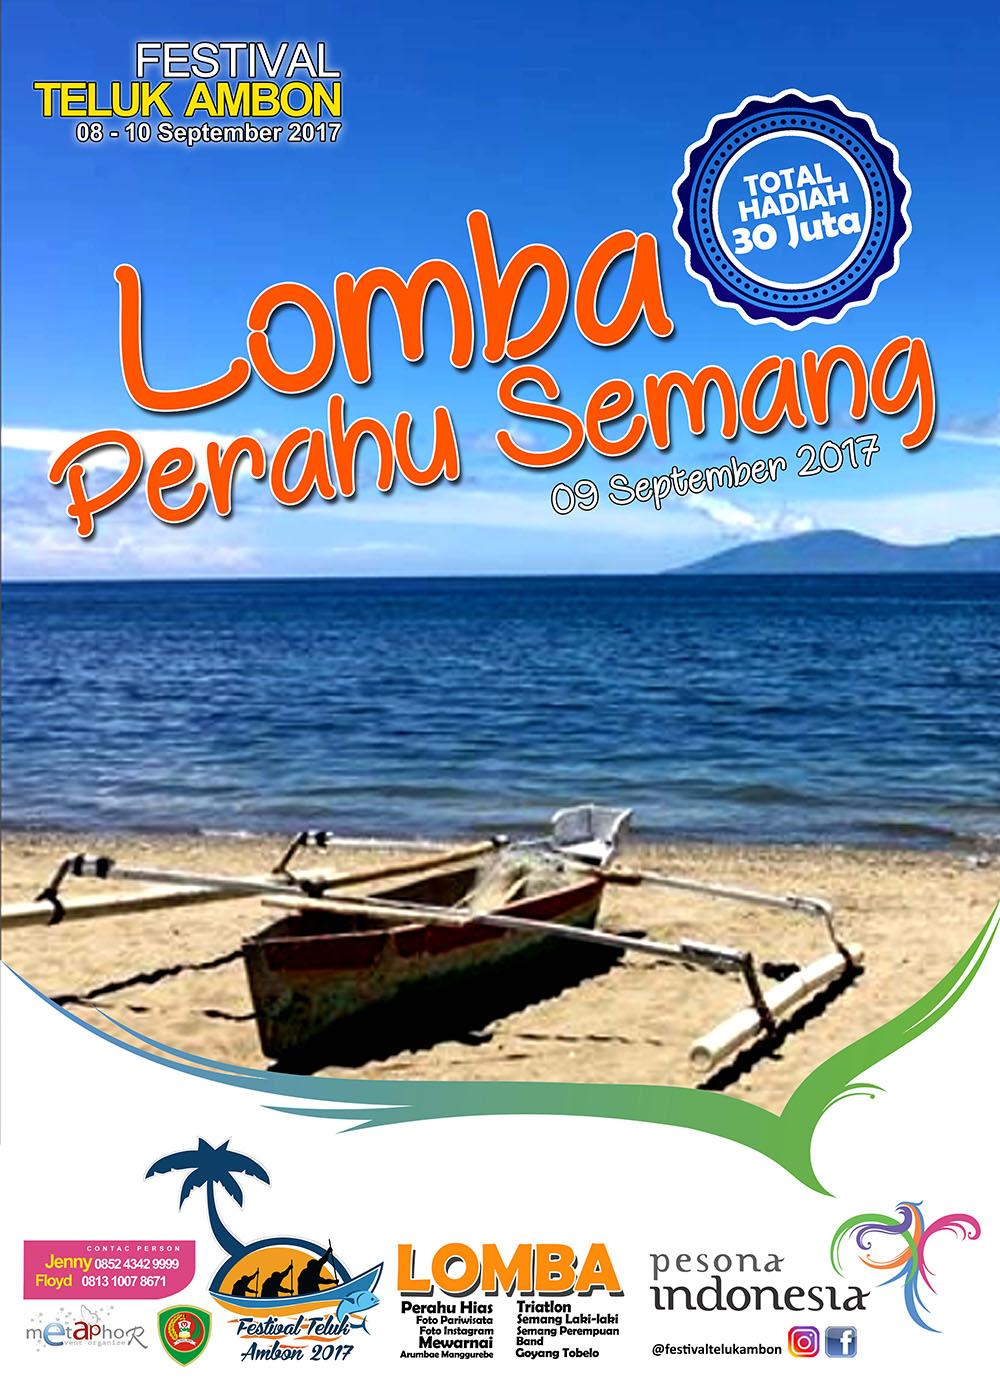 Lomba Perahu Semang Festival Teluk Ambon 2017